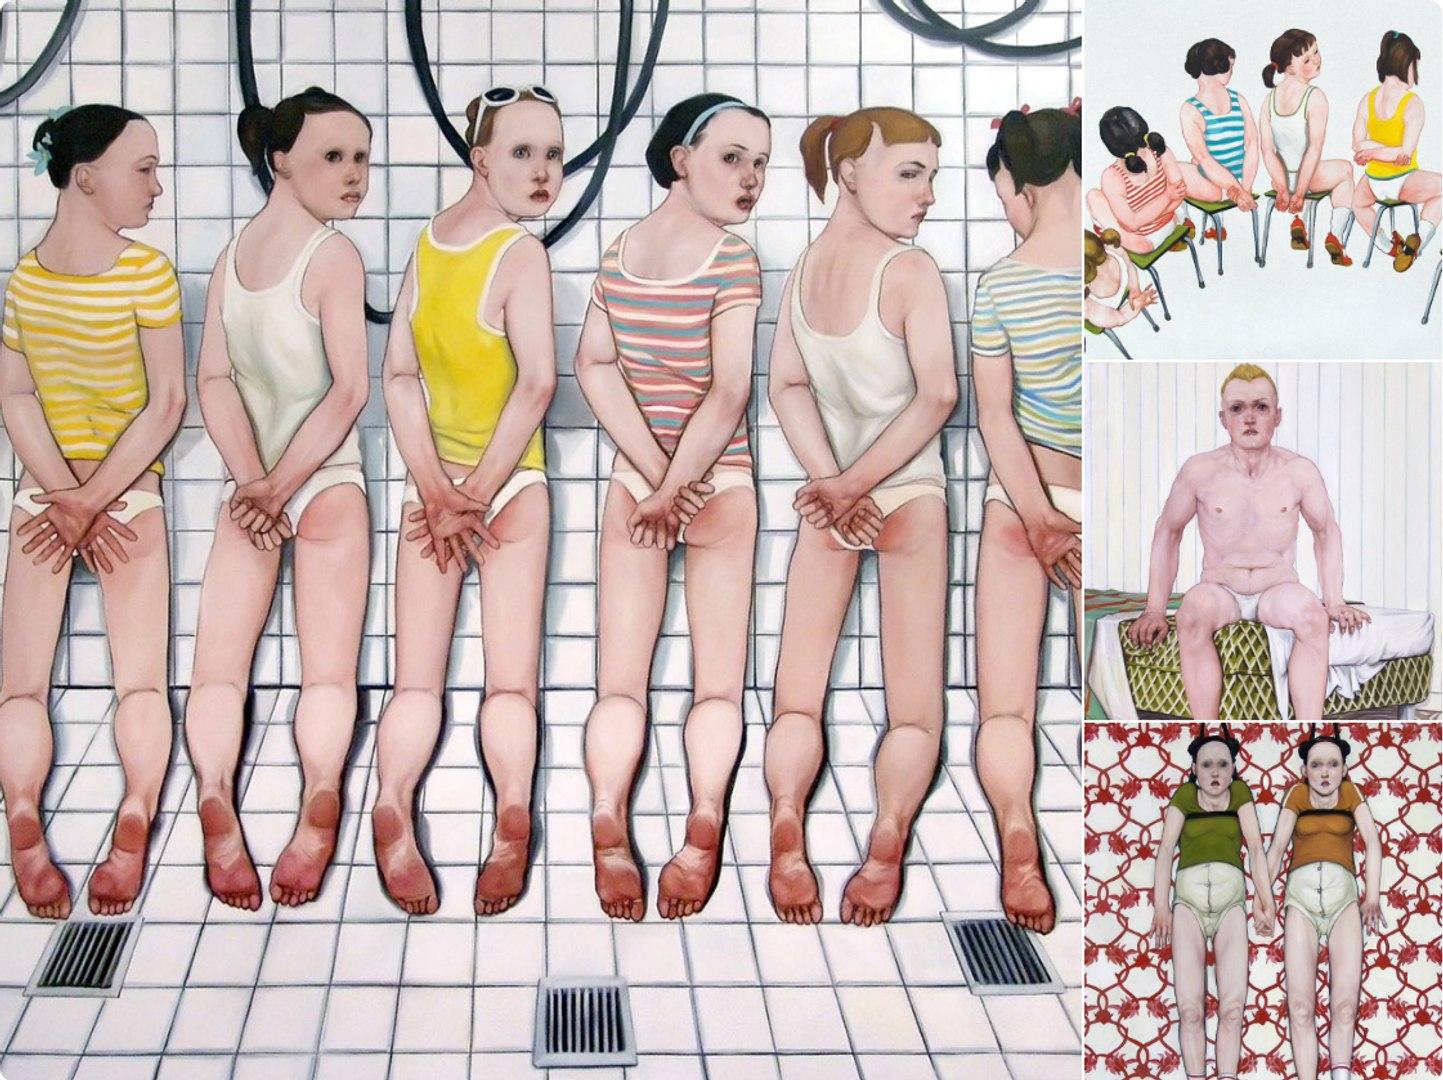 PIZZAGATE & die Kunst der Elite - Biljana Djurdjevic